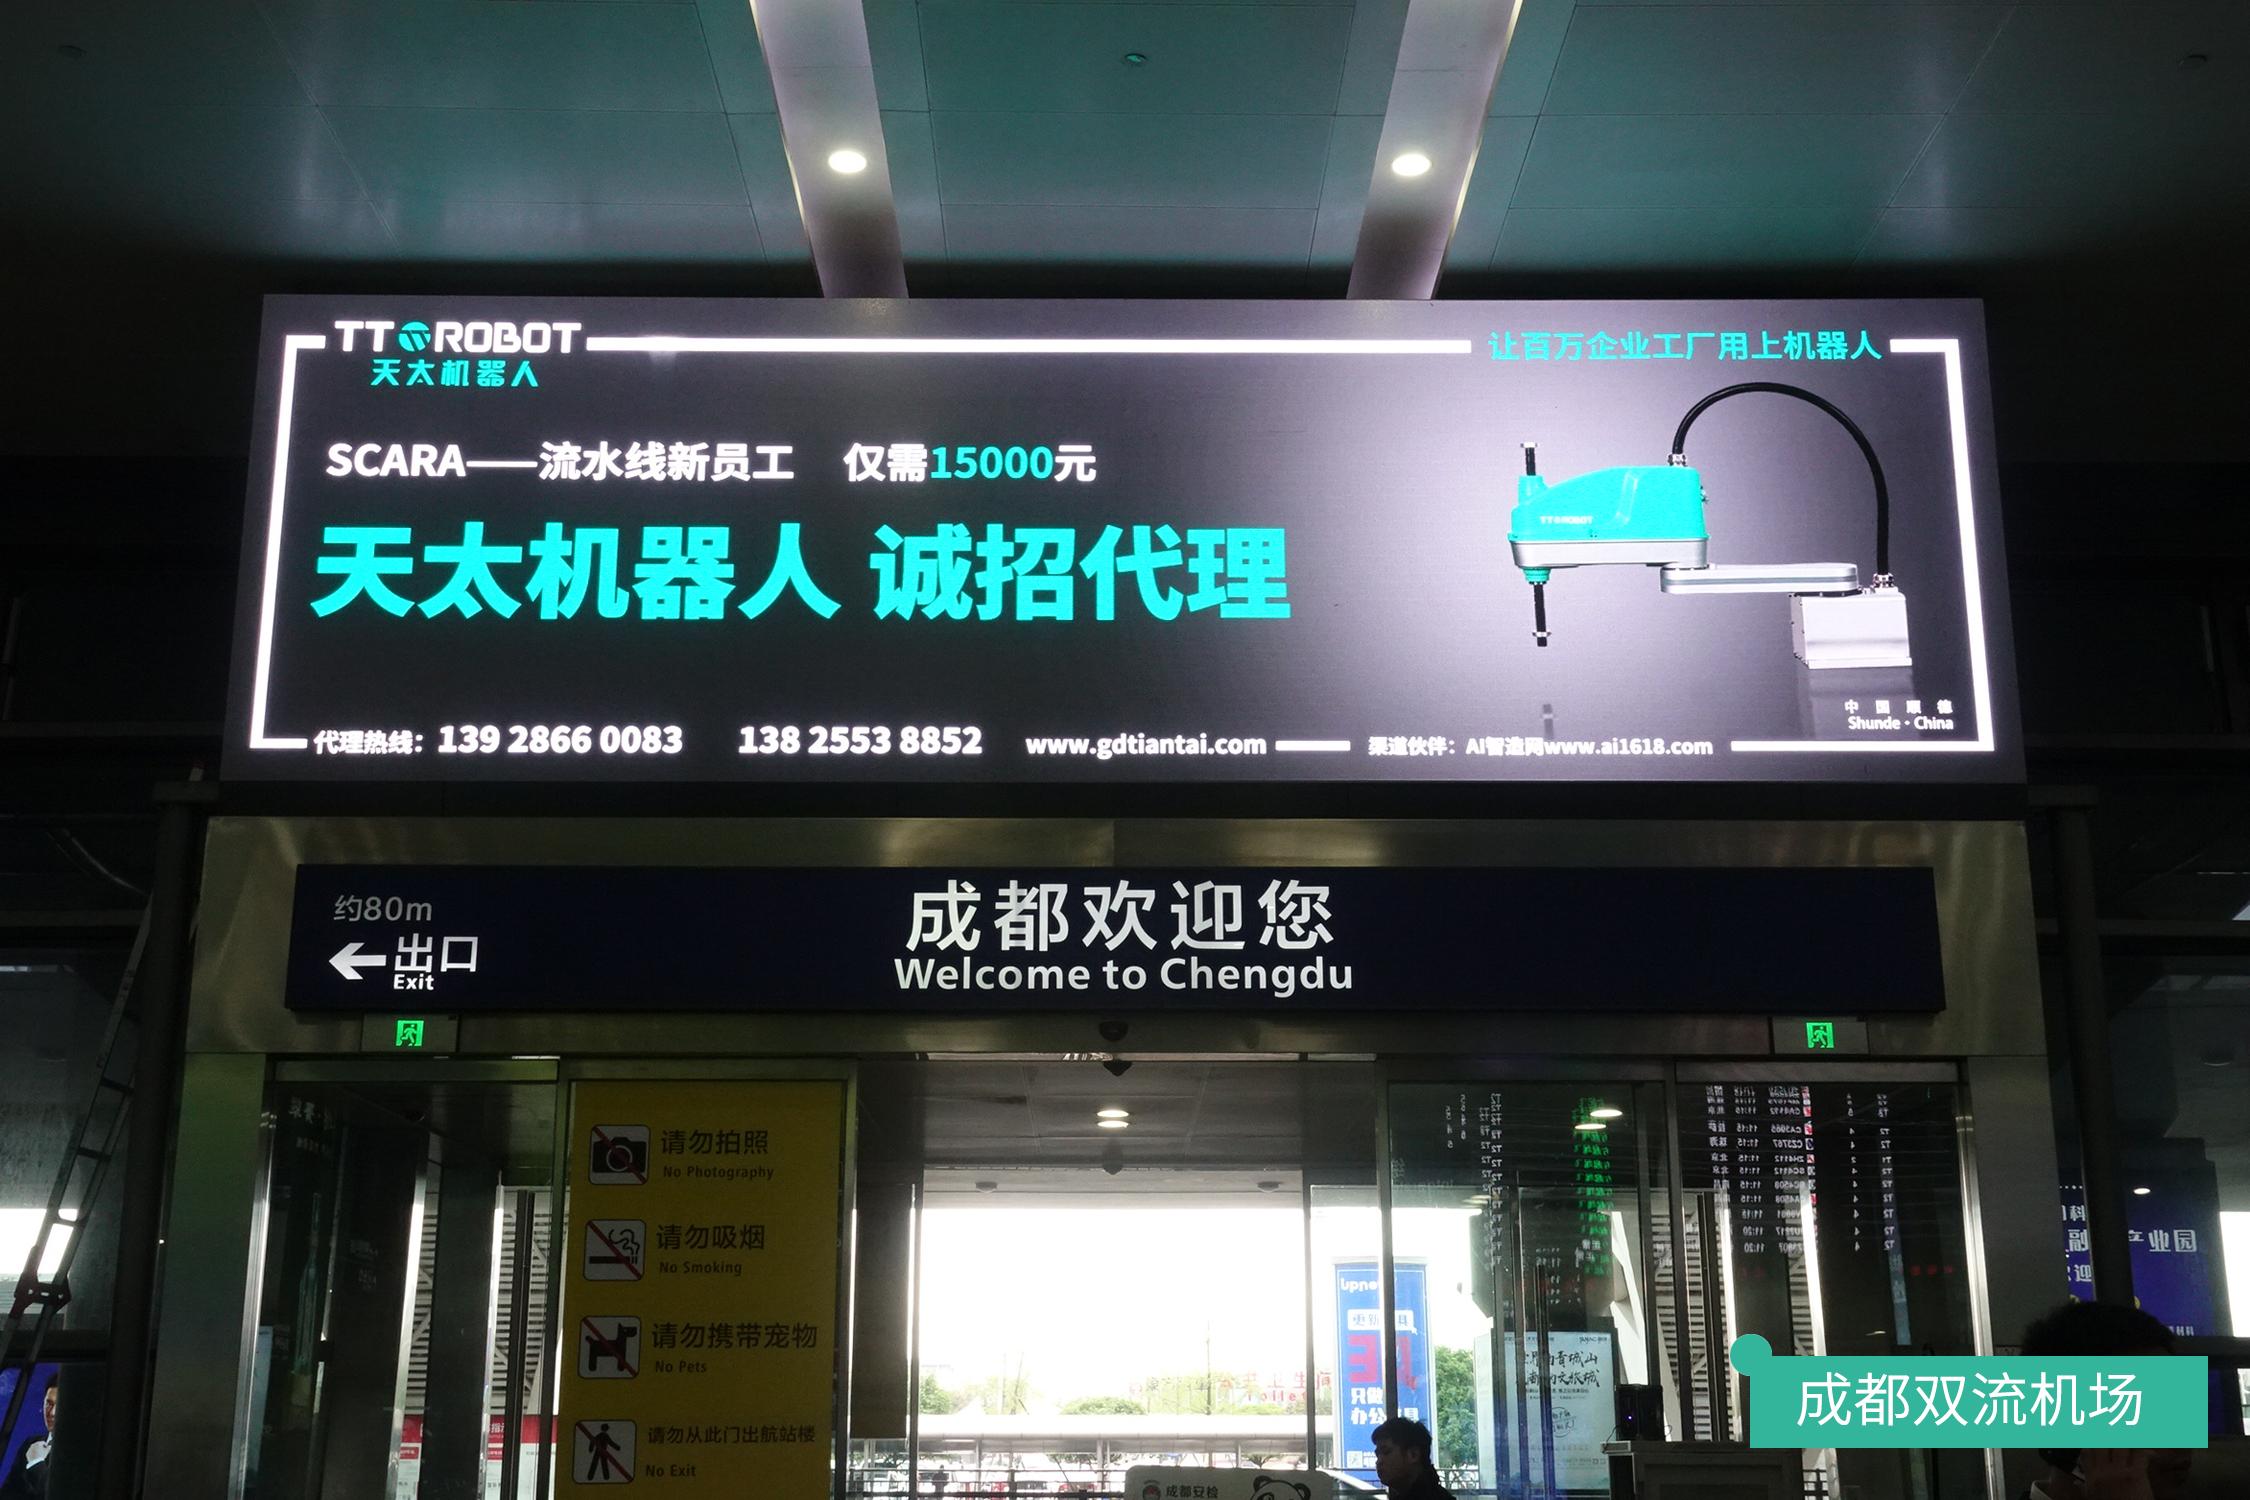 成都机场.JPG